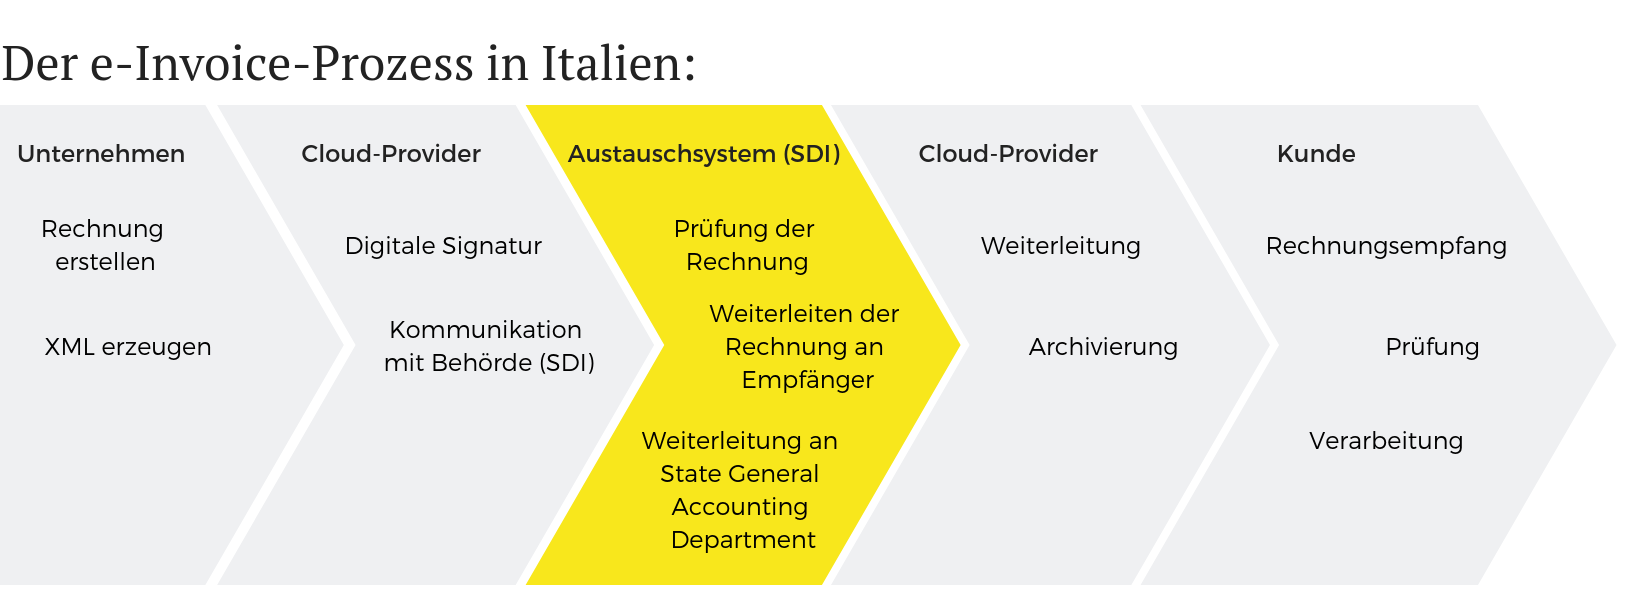 e-Invoice Prozess in Italien